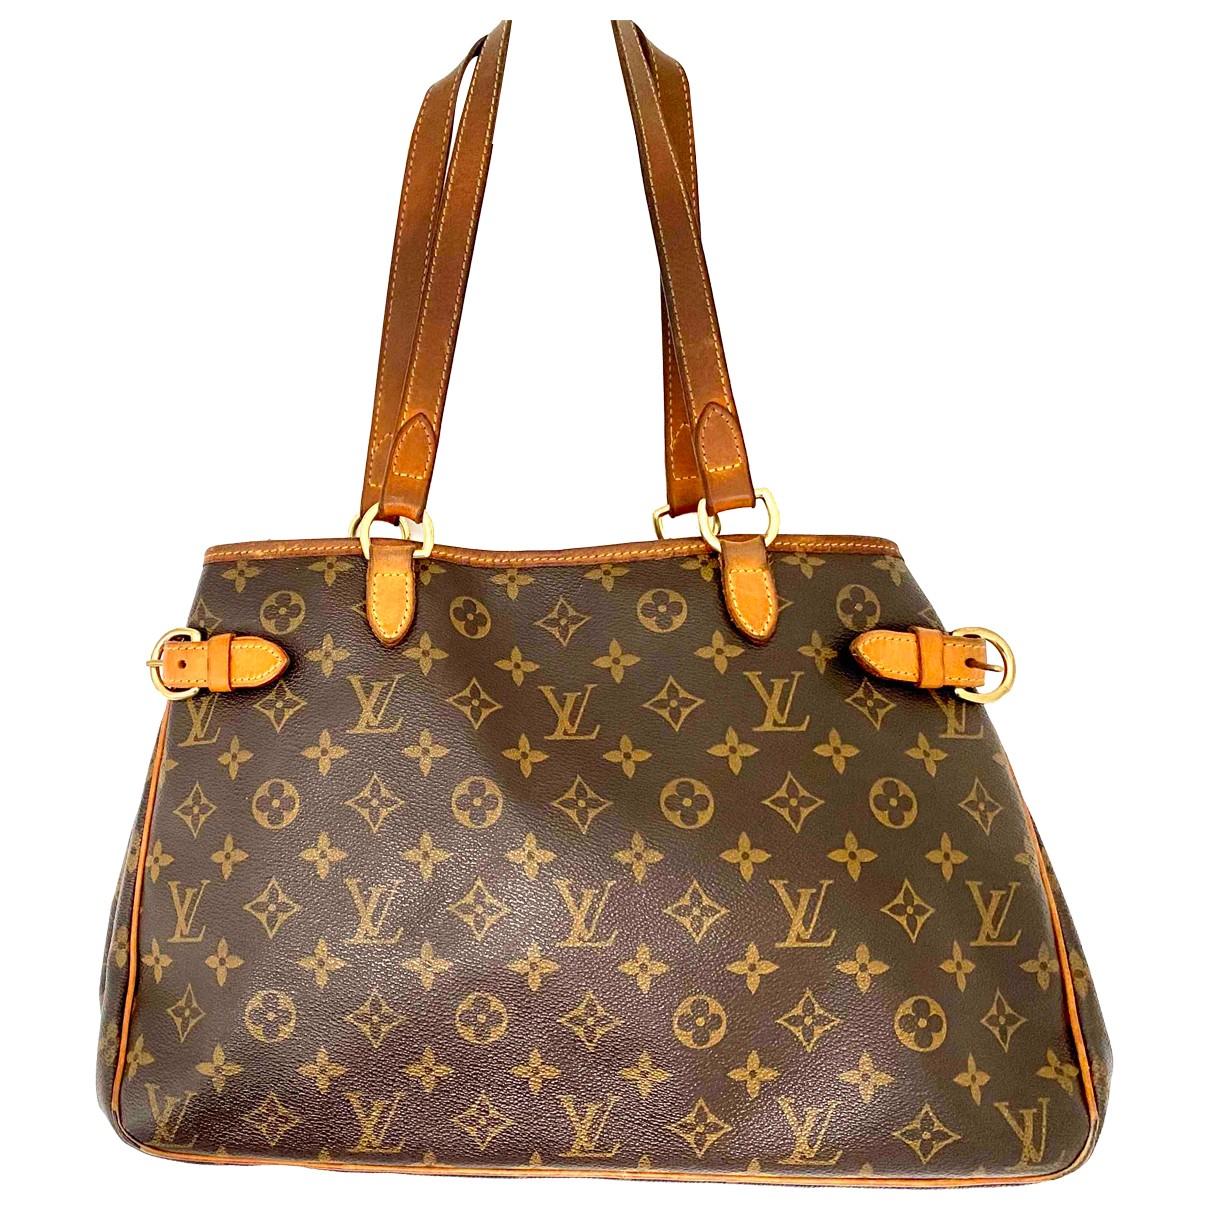 Louis Vuitton - Sac a main Bagatelle pour femme en toile - marron